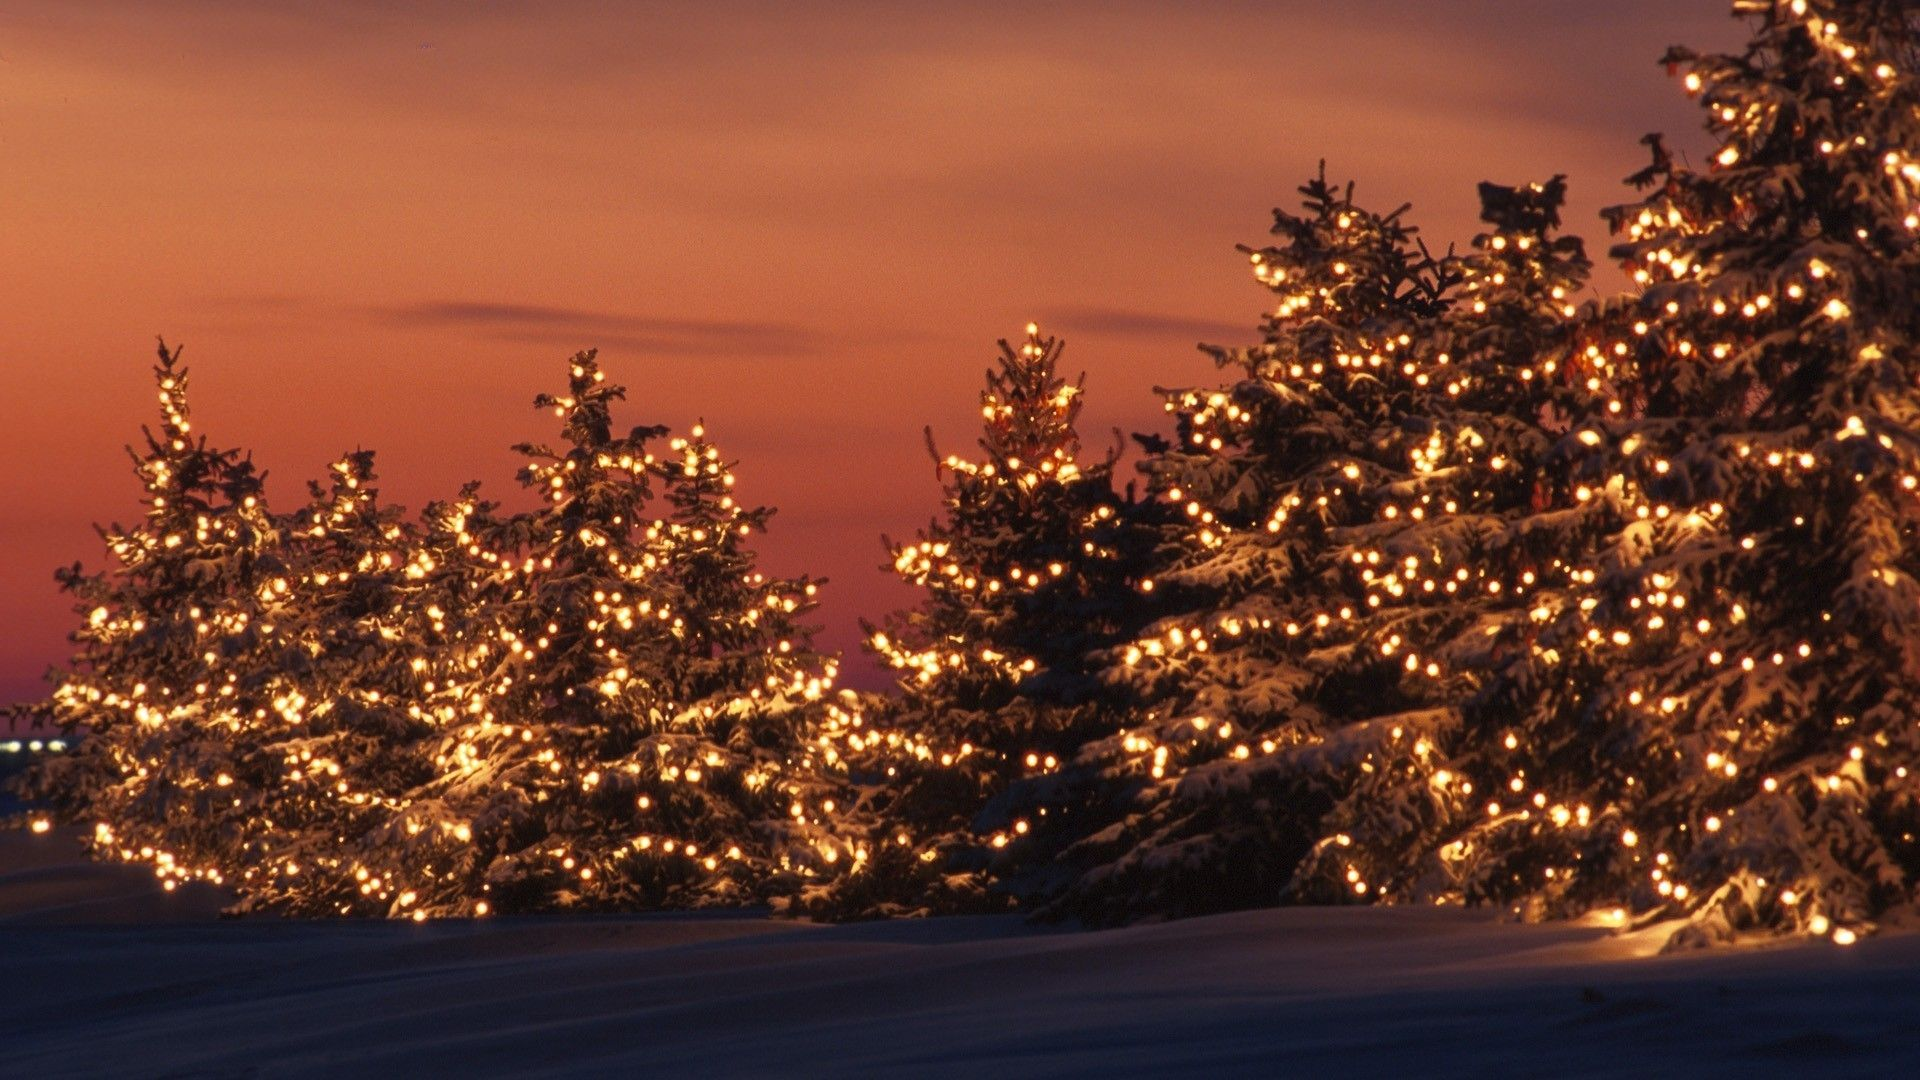 Christmas Lights Wallpaper 24364 1920x1200 Px Hdwallsource Com Christmas Lights Wallpaper Christmas Desktop Wallpaper Christmas Lights Background